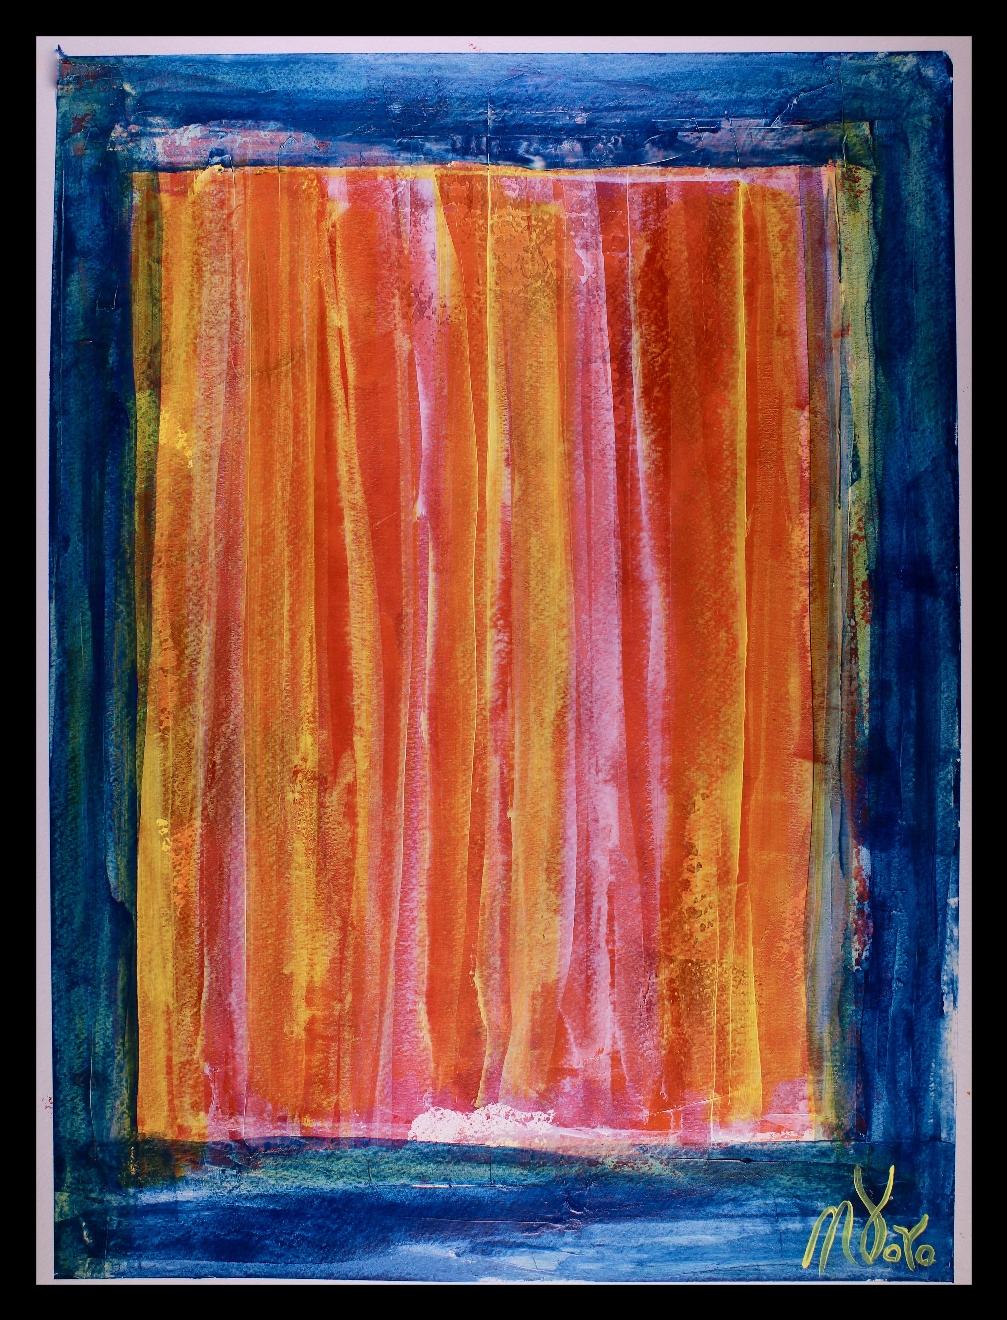 An open Window (2018) Art on paper by Nestor Toro in Los Angeles